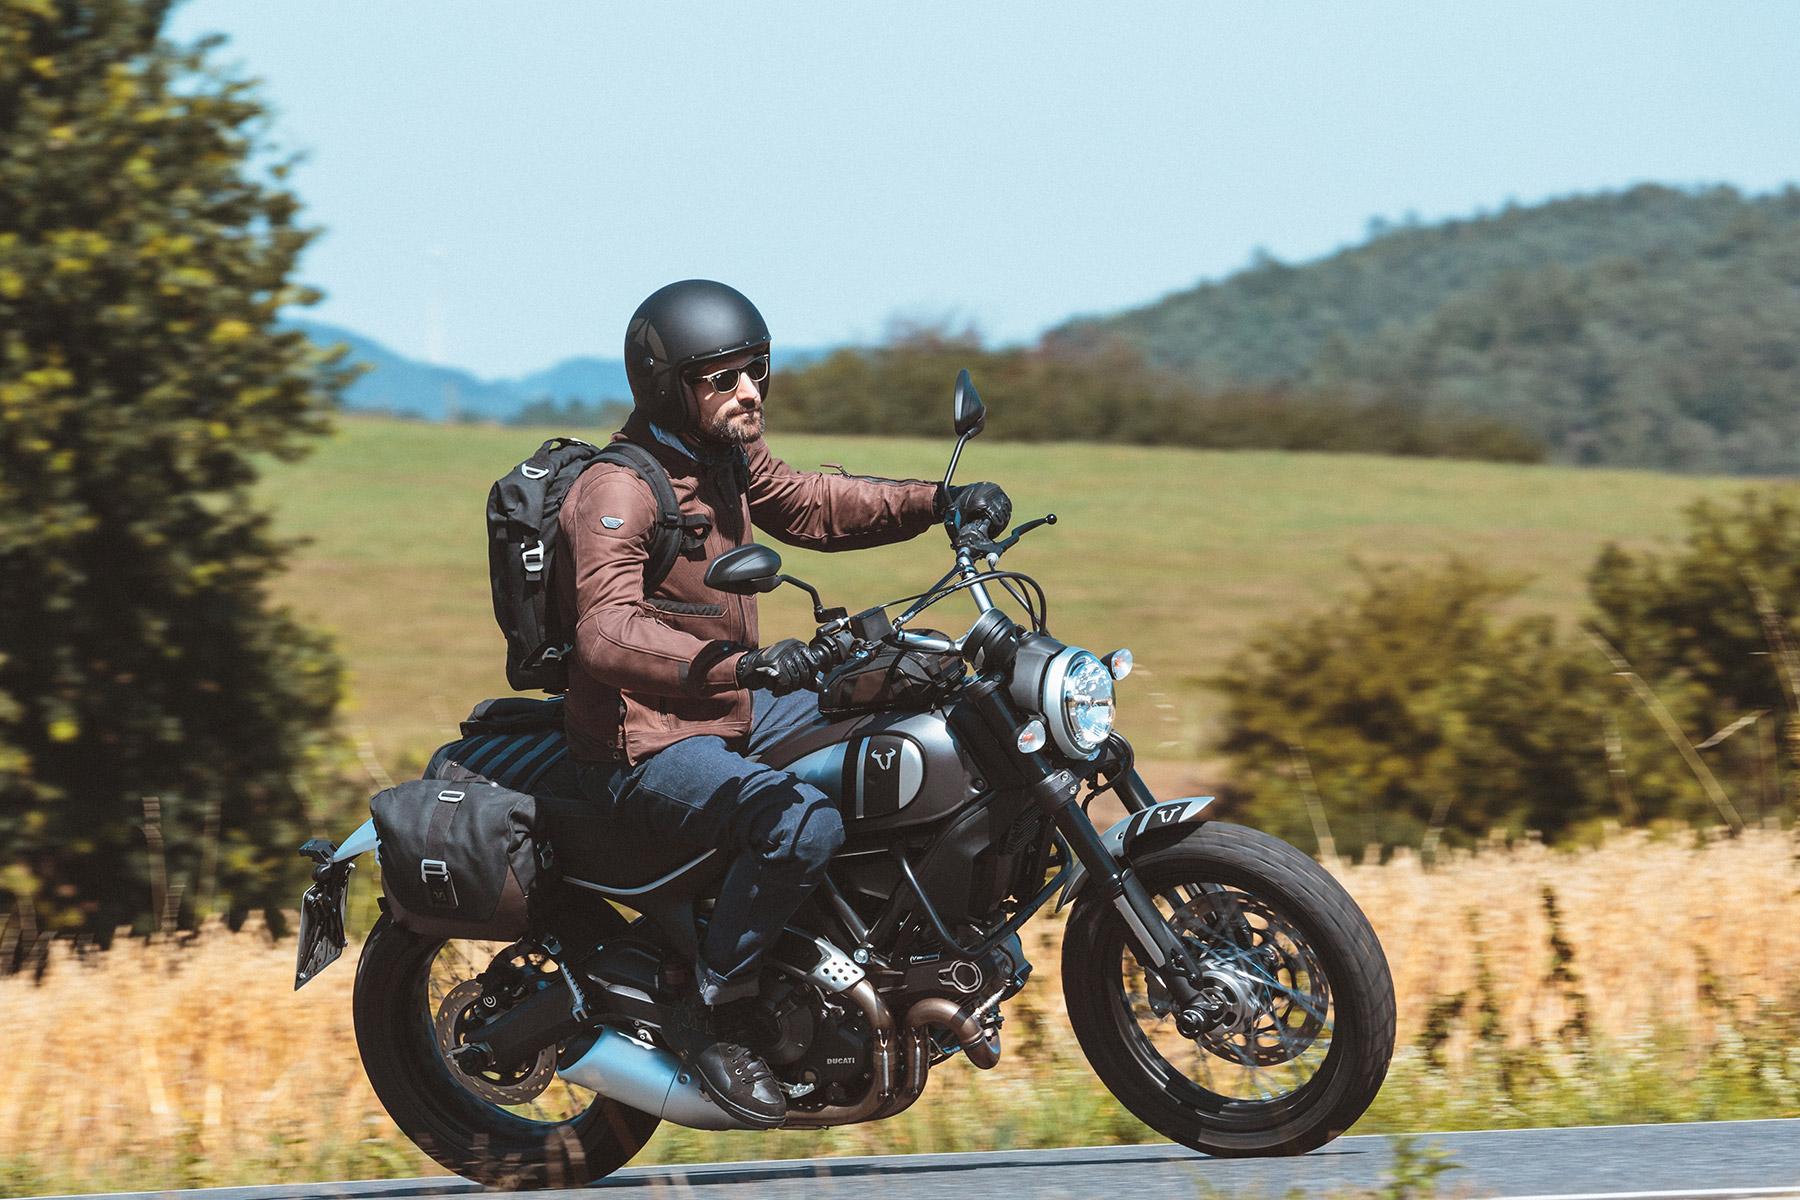 Ocean Bmw Motorcycles